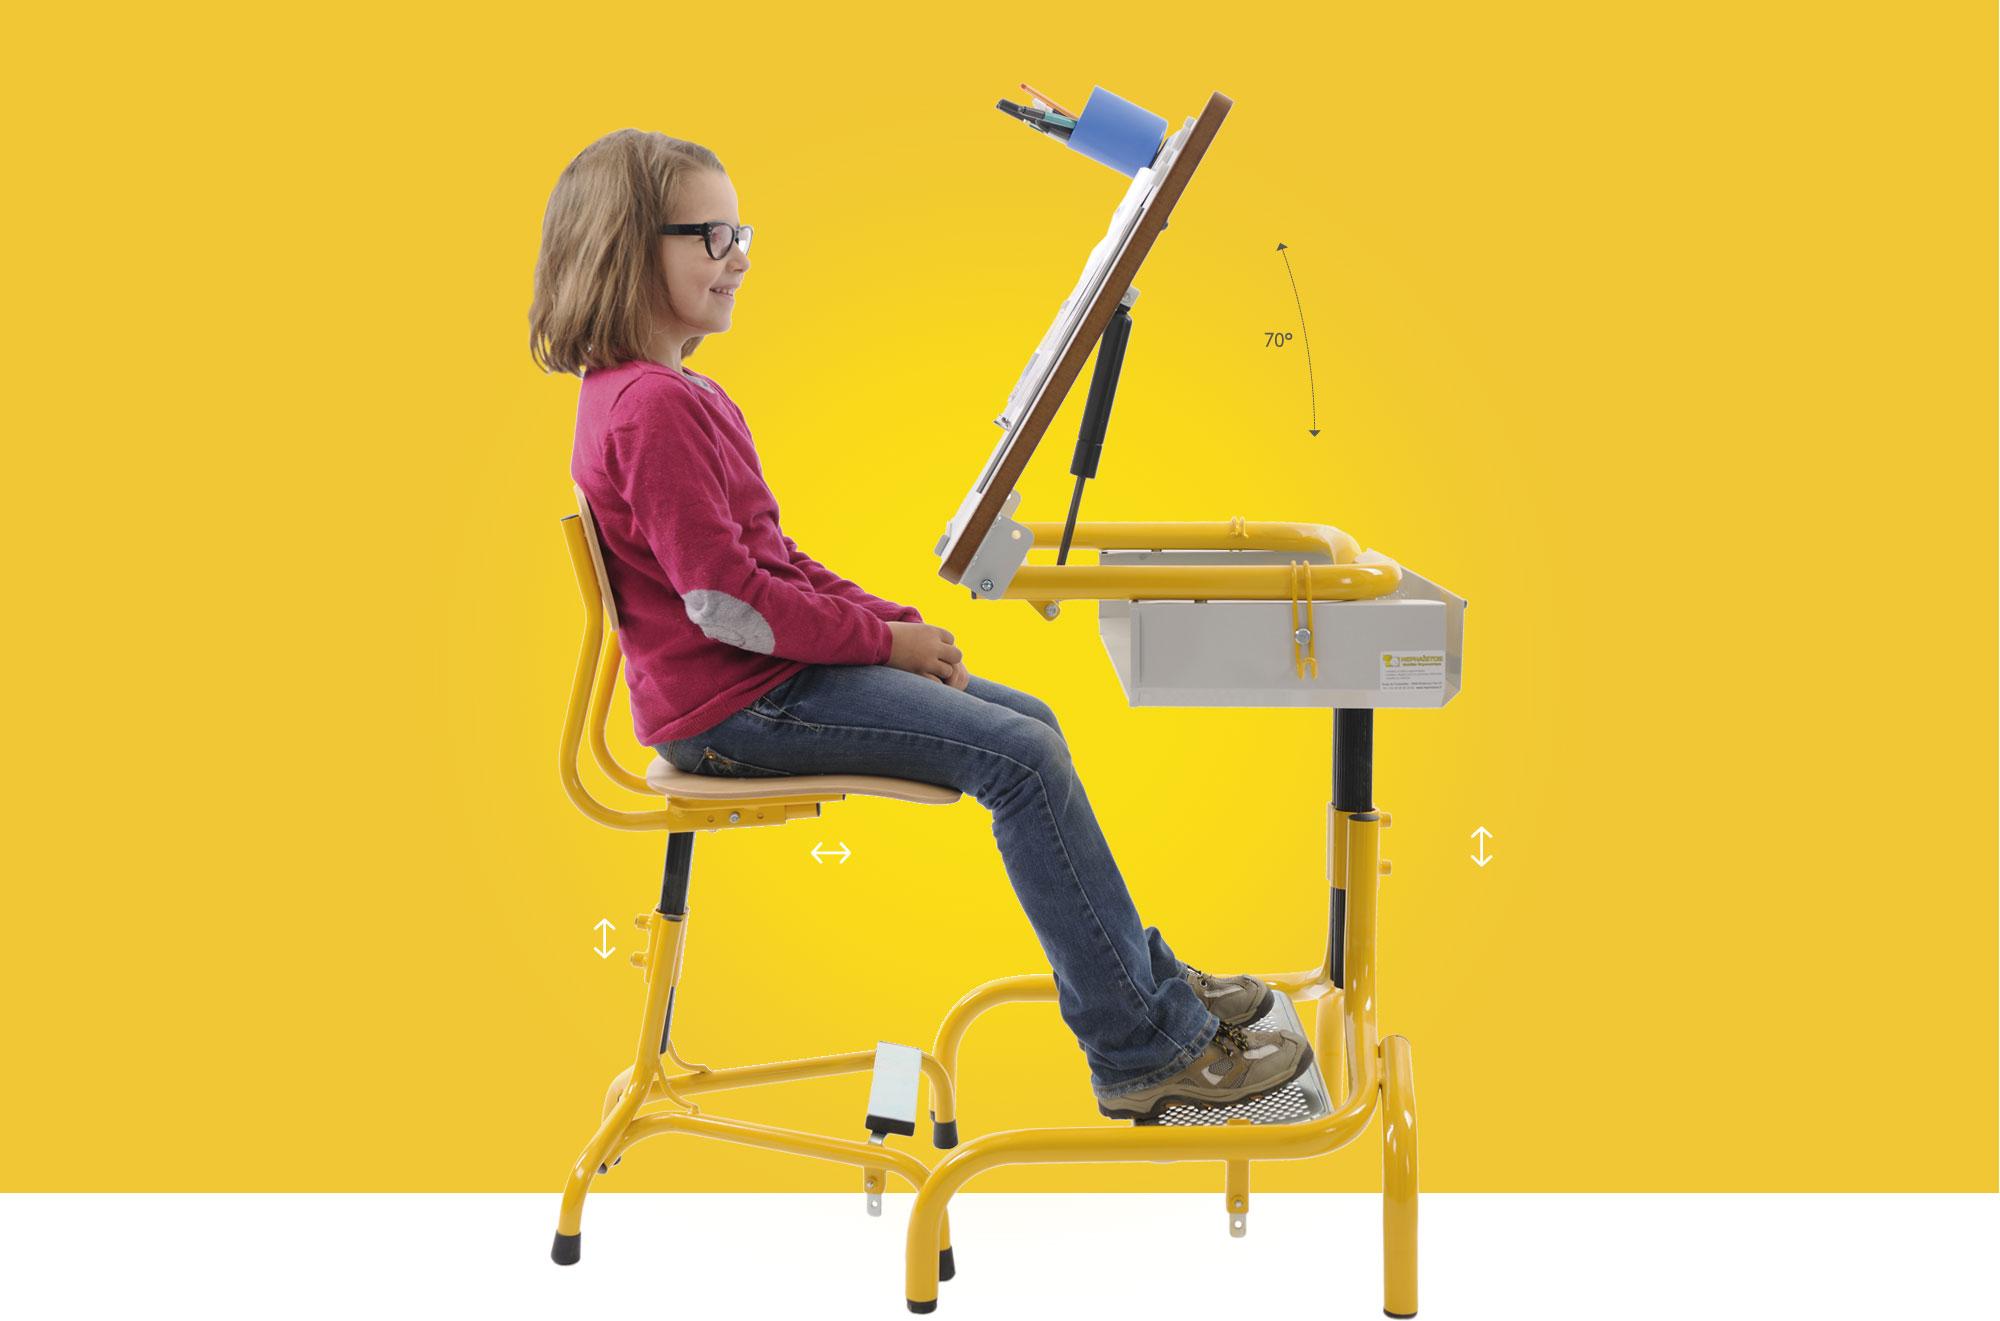 Hephaïstos mobilier ergonomique table ergonomique réglable adapté modulable